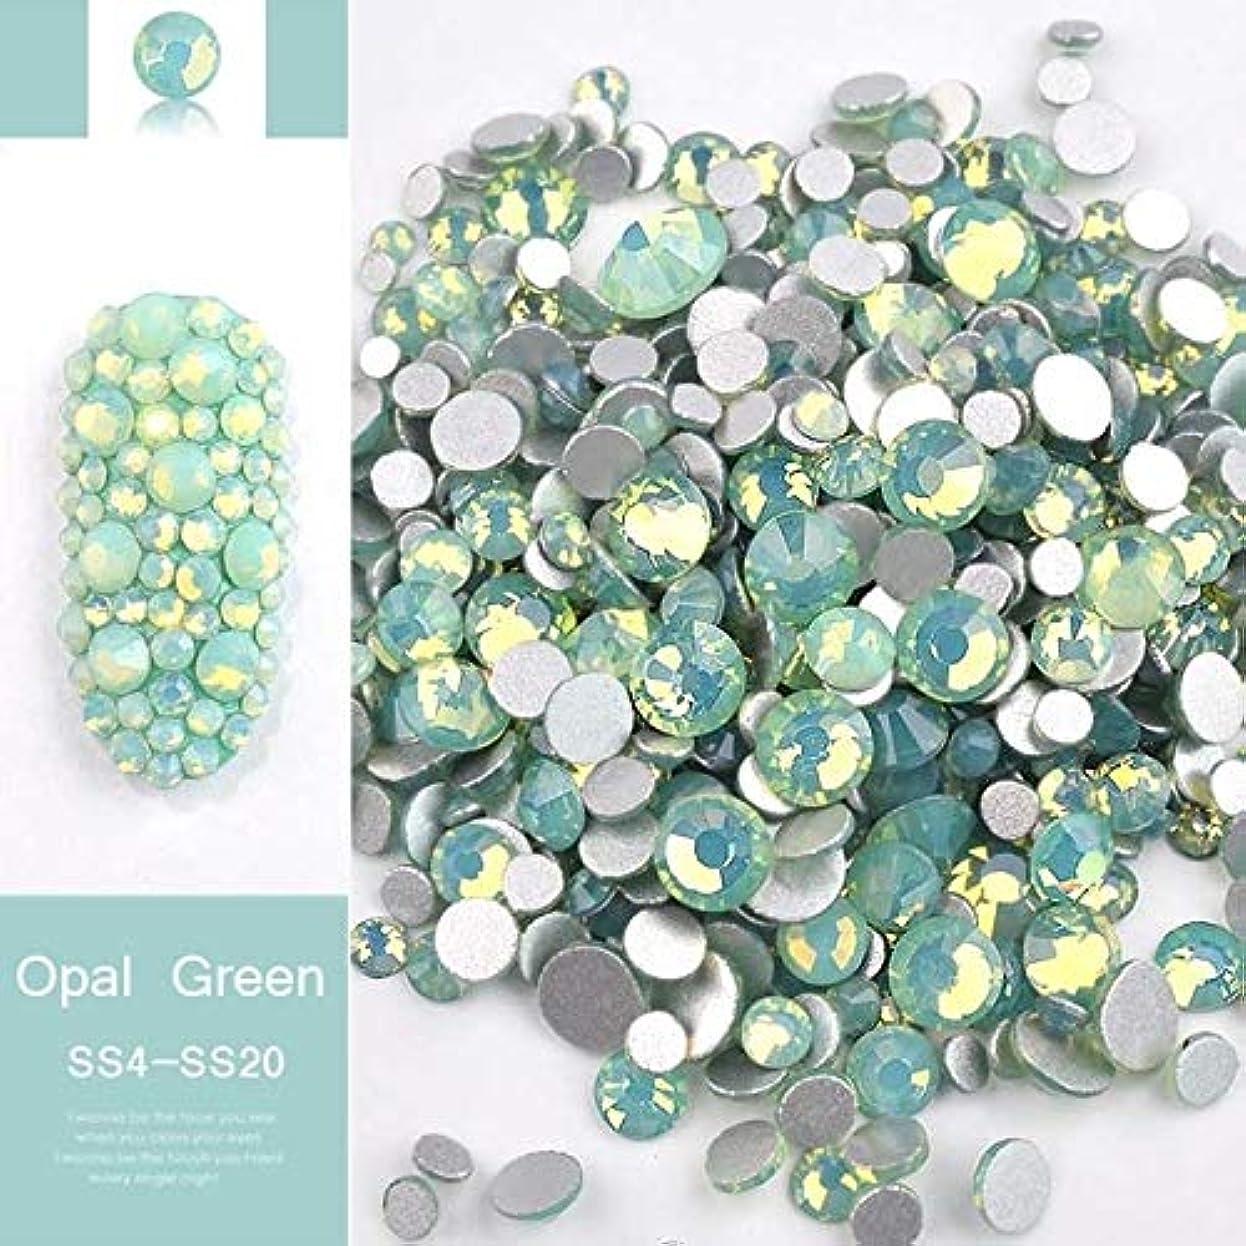 Yan 1パックミックスサイズ(SS4-SS20)クリスタルカラフルなオパールネイルアートラインストーンの装飾キラキラの宝石3Dマニキュアアクセサリーツール(ホワイト) (色 : Green)